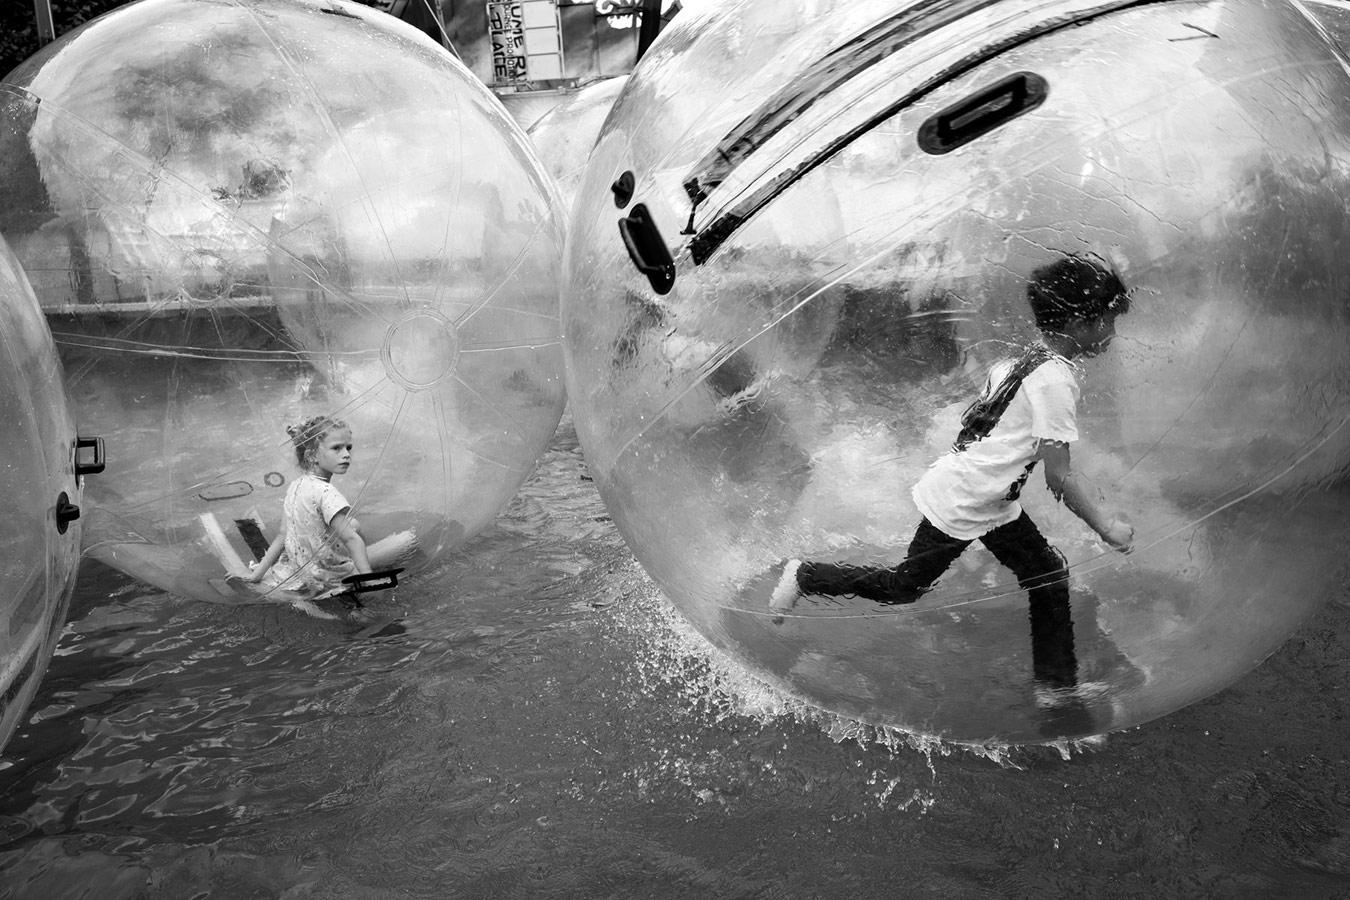 Вэнпенг Лу, Франция / Wenpeng Lu, France, 2-е место в категории «Монохром», Фотоконкурс Siena International Photography Awards